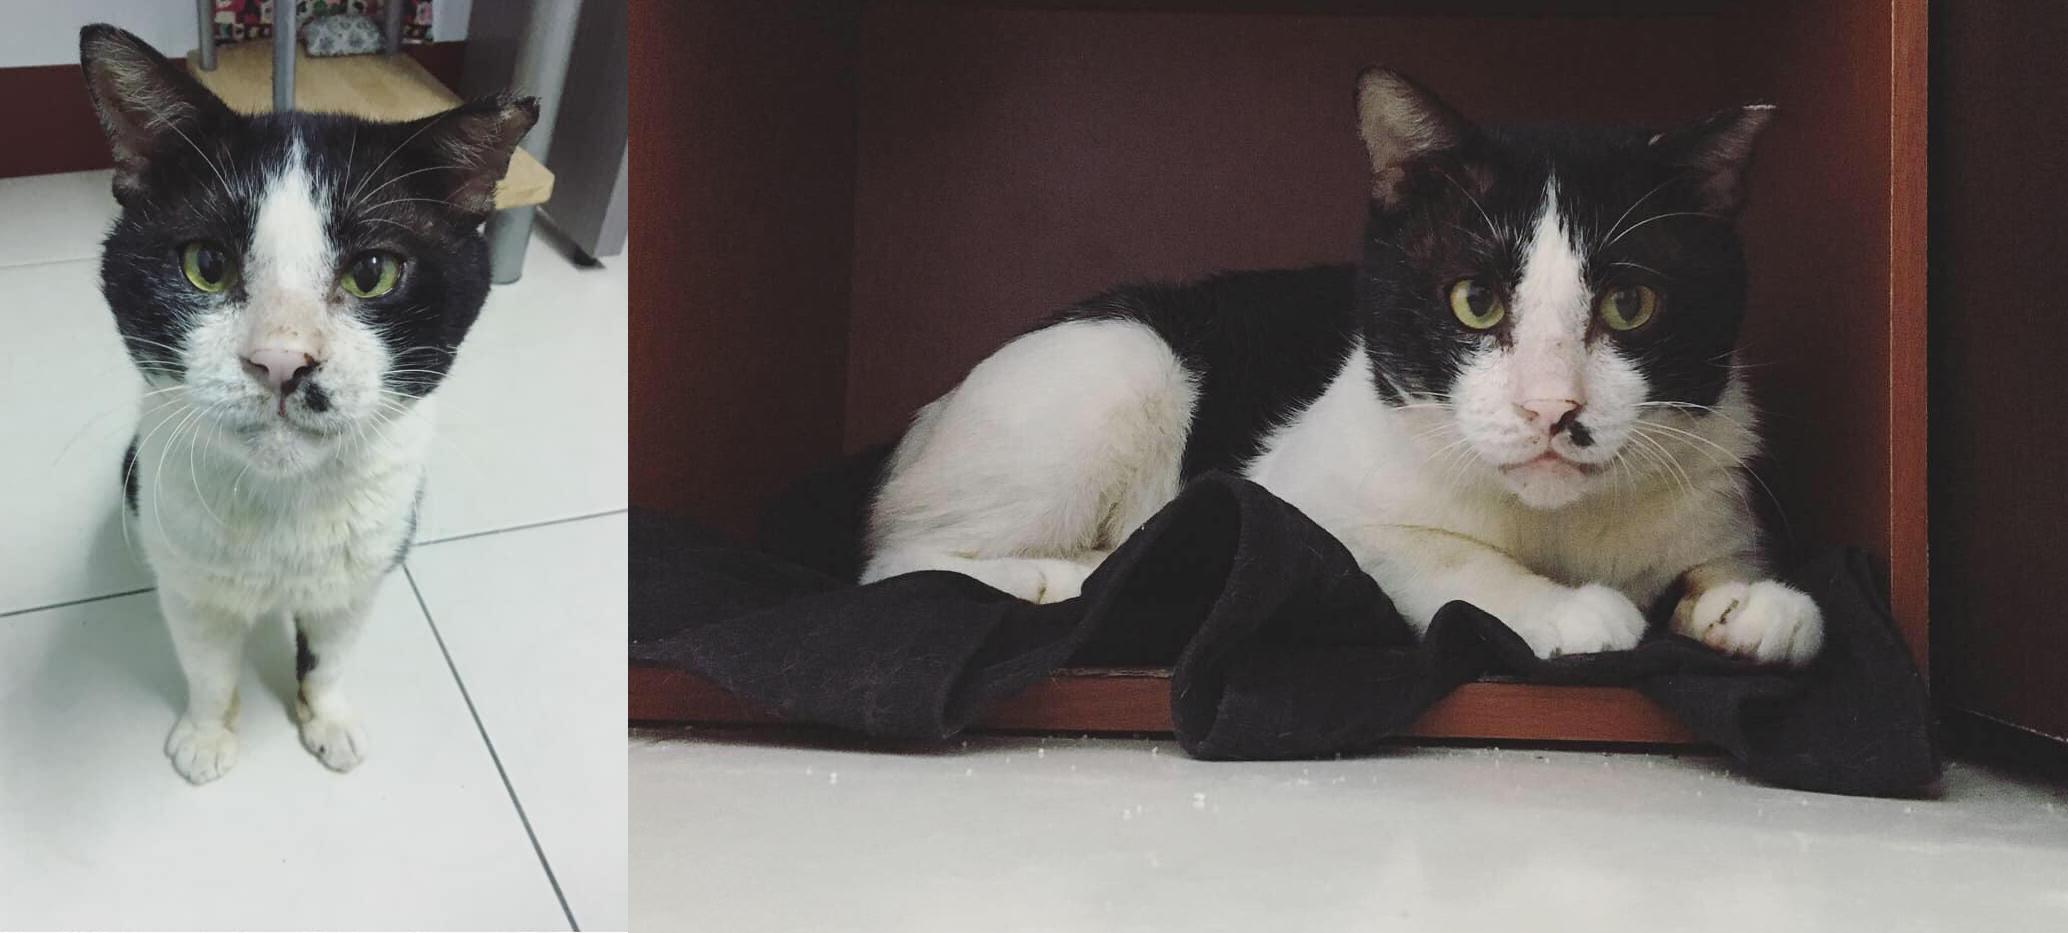 樓上有貓, 流浪動物, 領養不棄養, 流浪貓